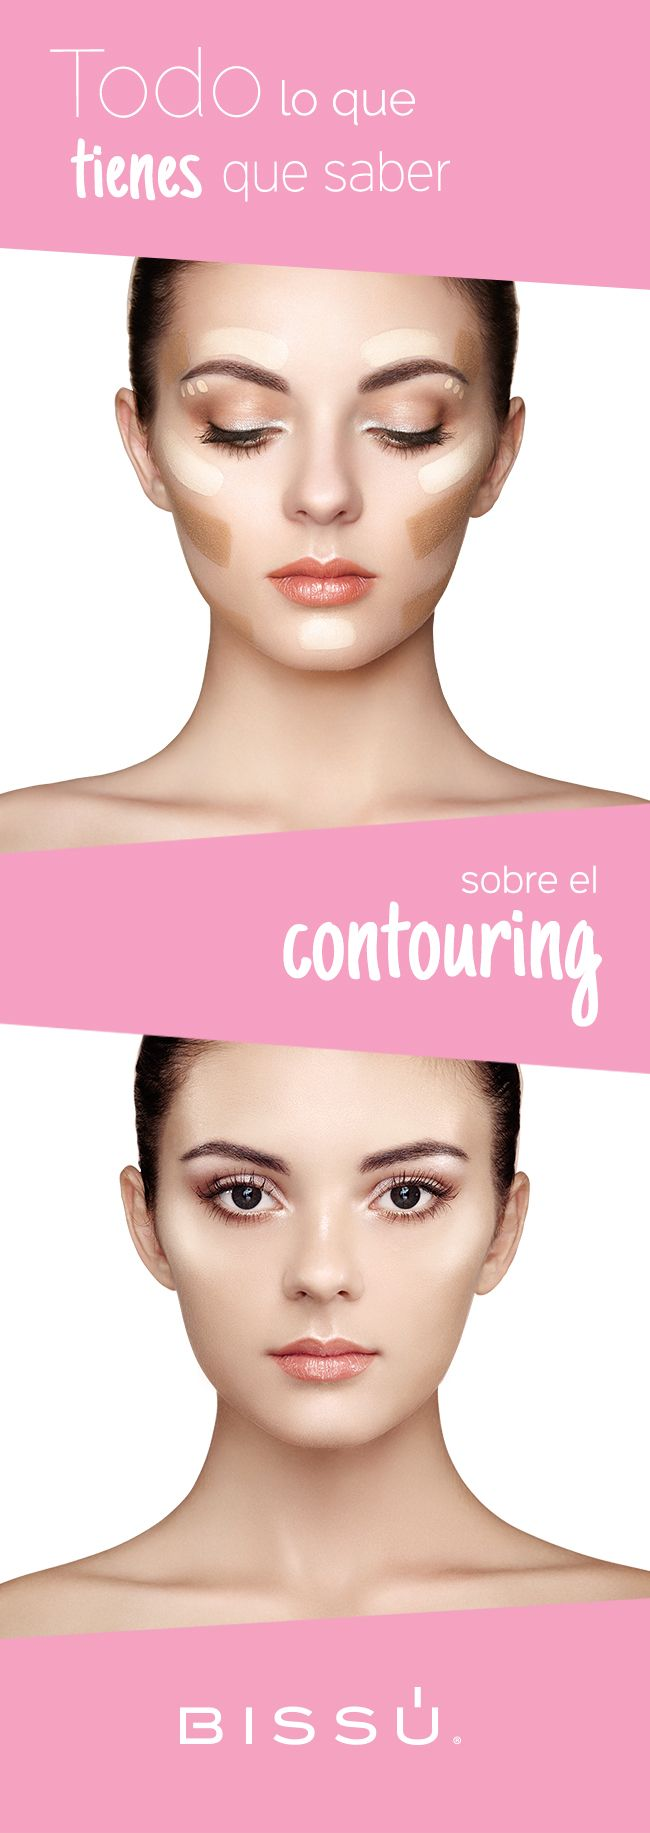 Deslumbra en donde quiera que vayas, aprende más sobre la técnica del Contouring. http://www.bissu.com/conoce-la-tecnica-de-maquillaje-contouring/